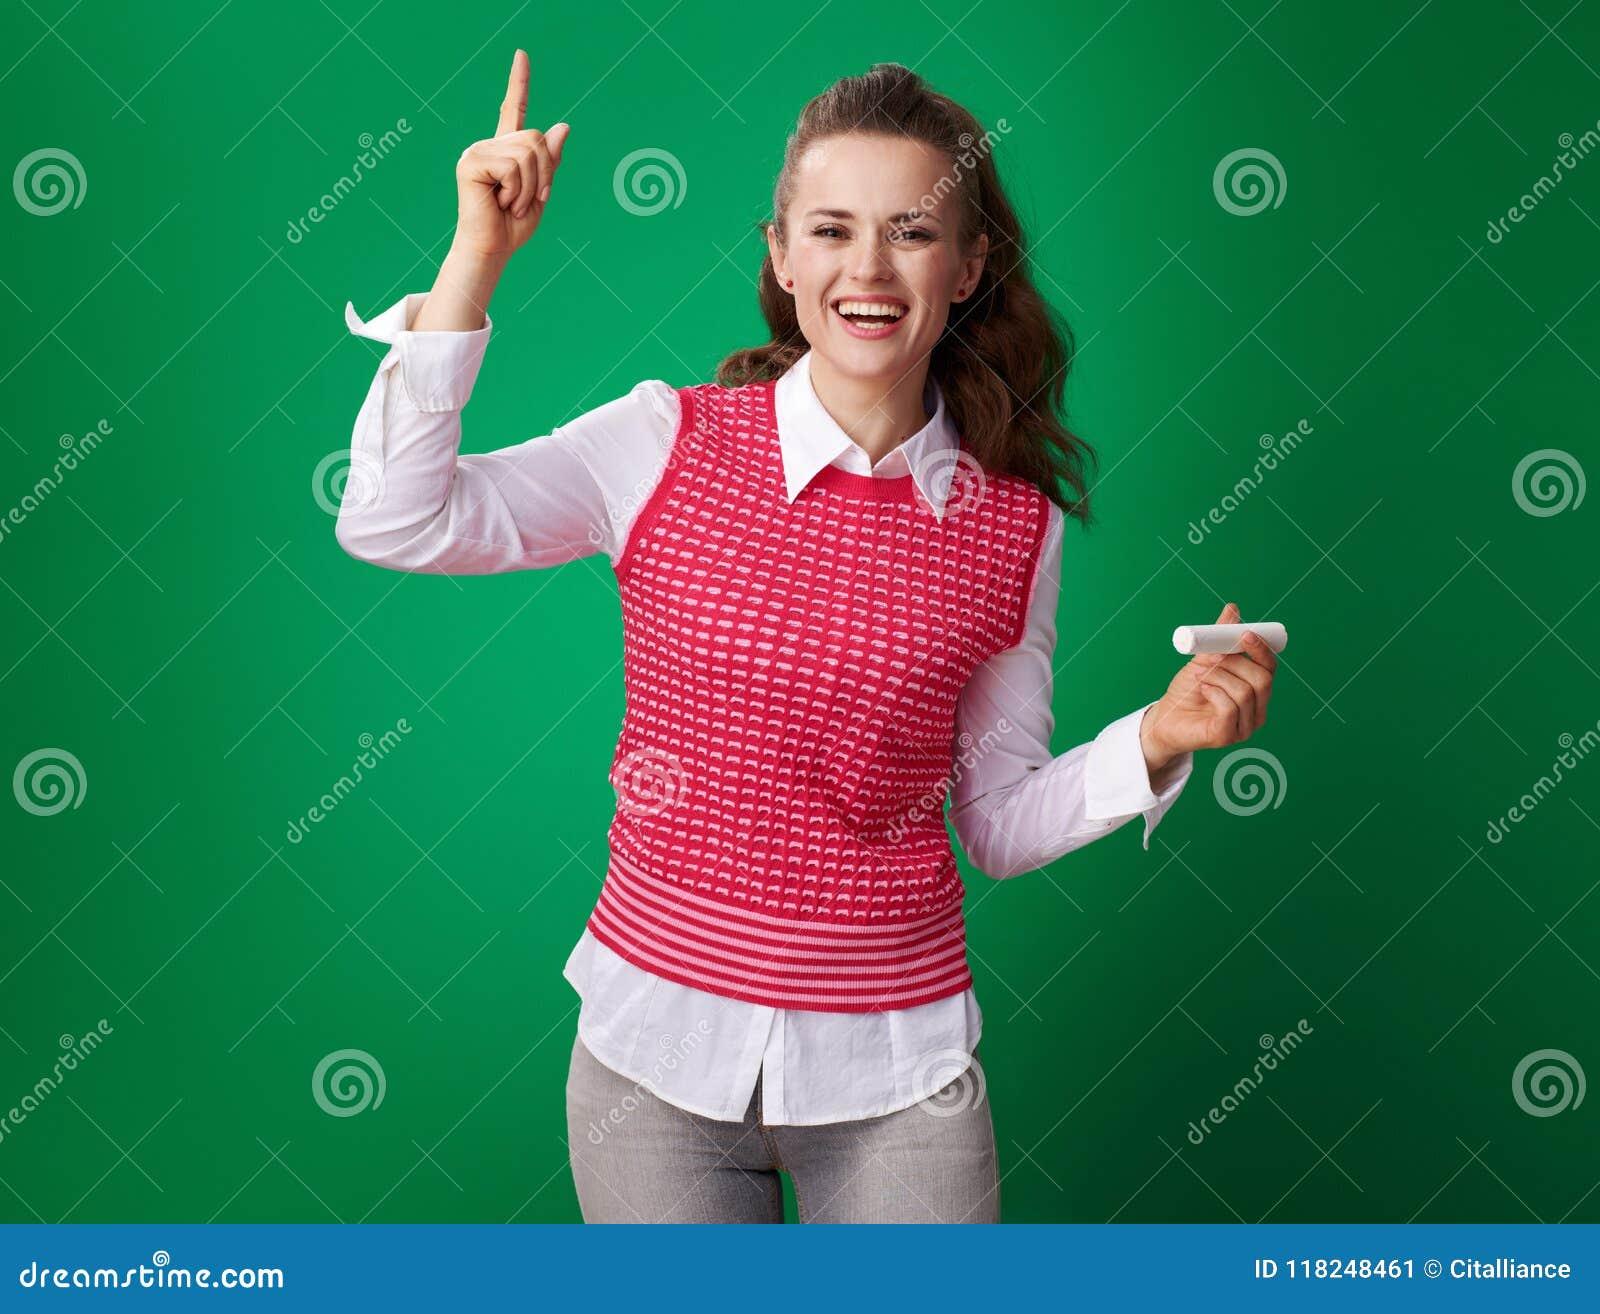 Uśmiechnięta nowożytna studencka kobieta z kawałkiem kreda dostać pomysł